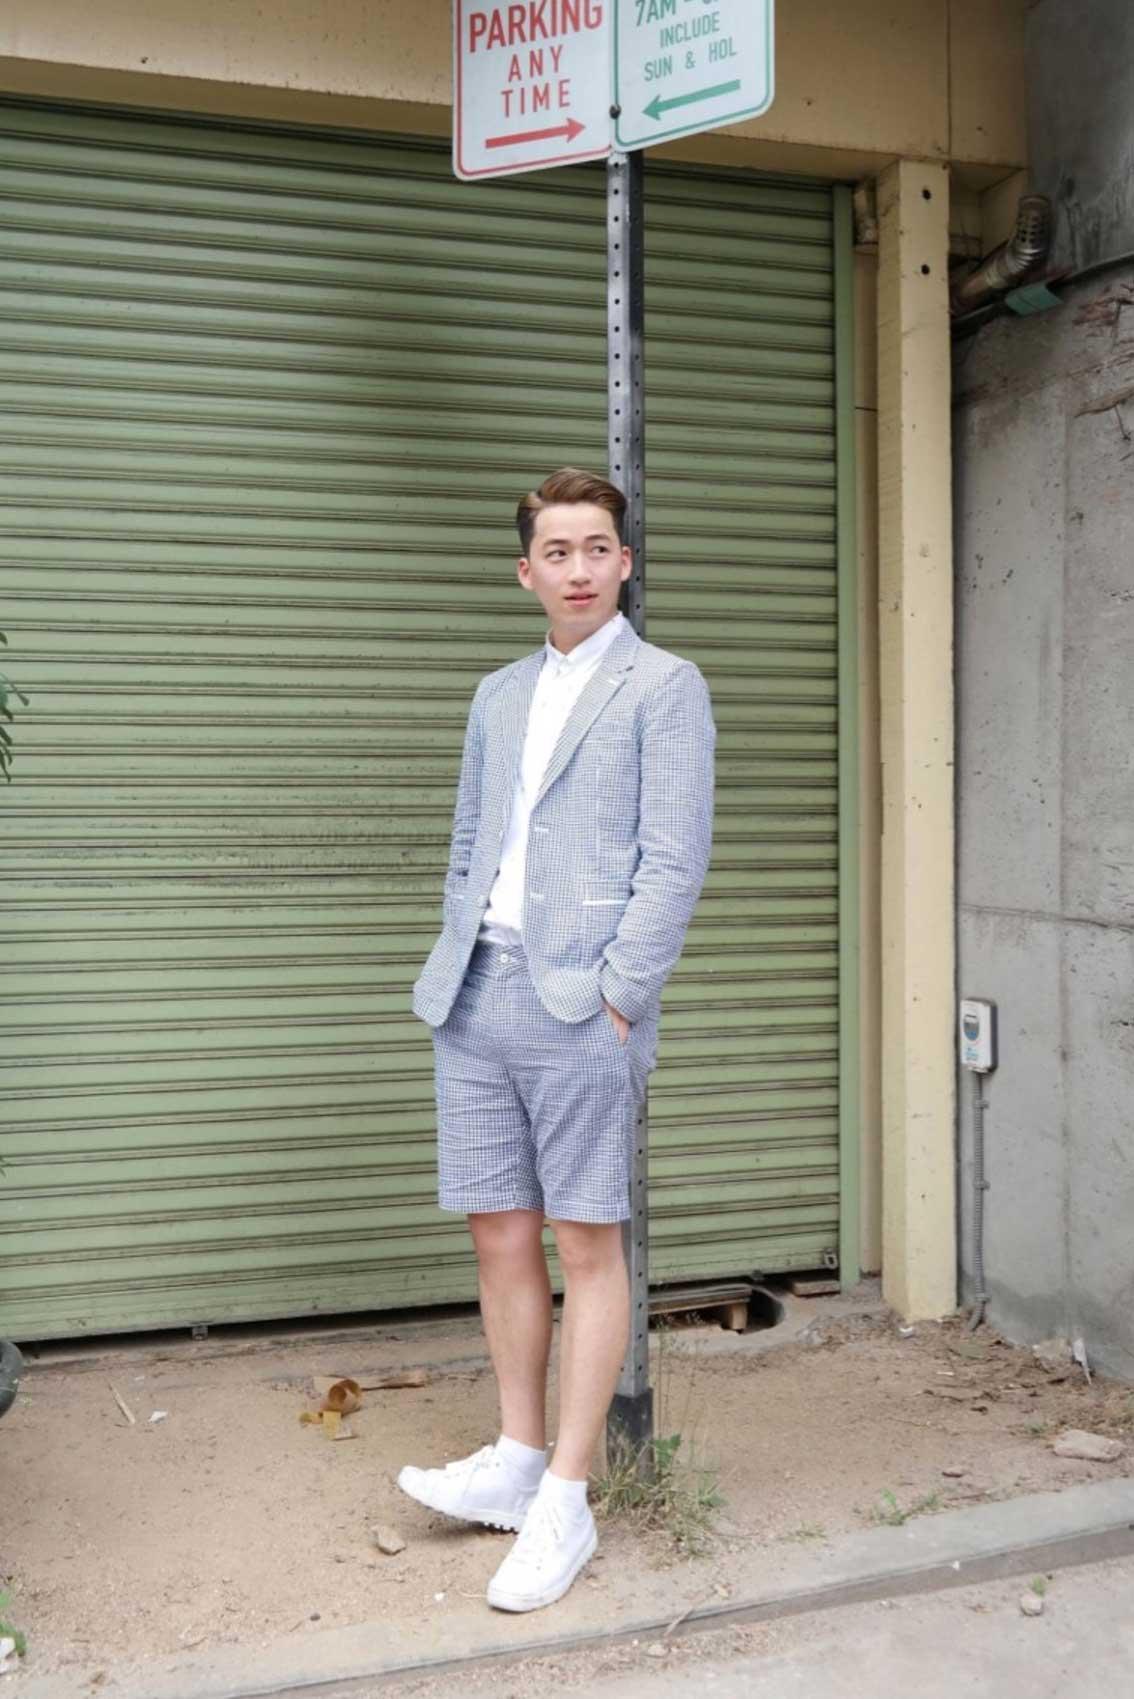 1. 短褲 + 外套  夏天就是以輕便的麻織布短褲,再搭上同材質的外套就很好看,當然比較適合坐辦公室的男性,否則這樣穿也太熱..(汗)